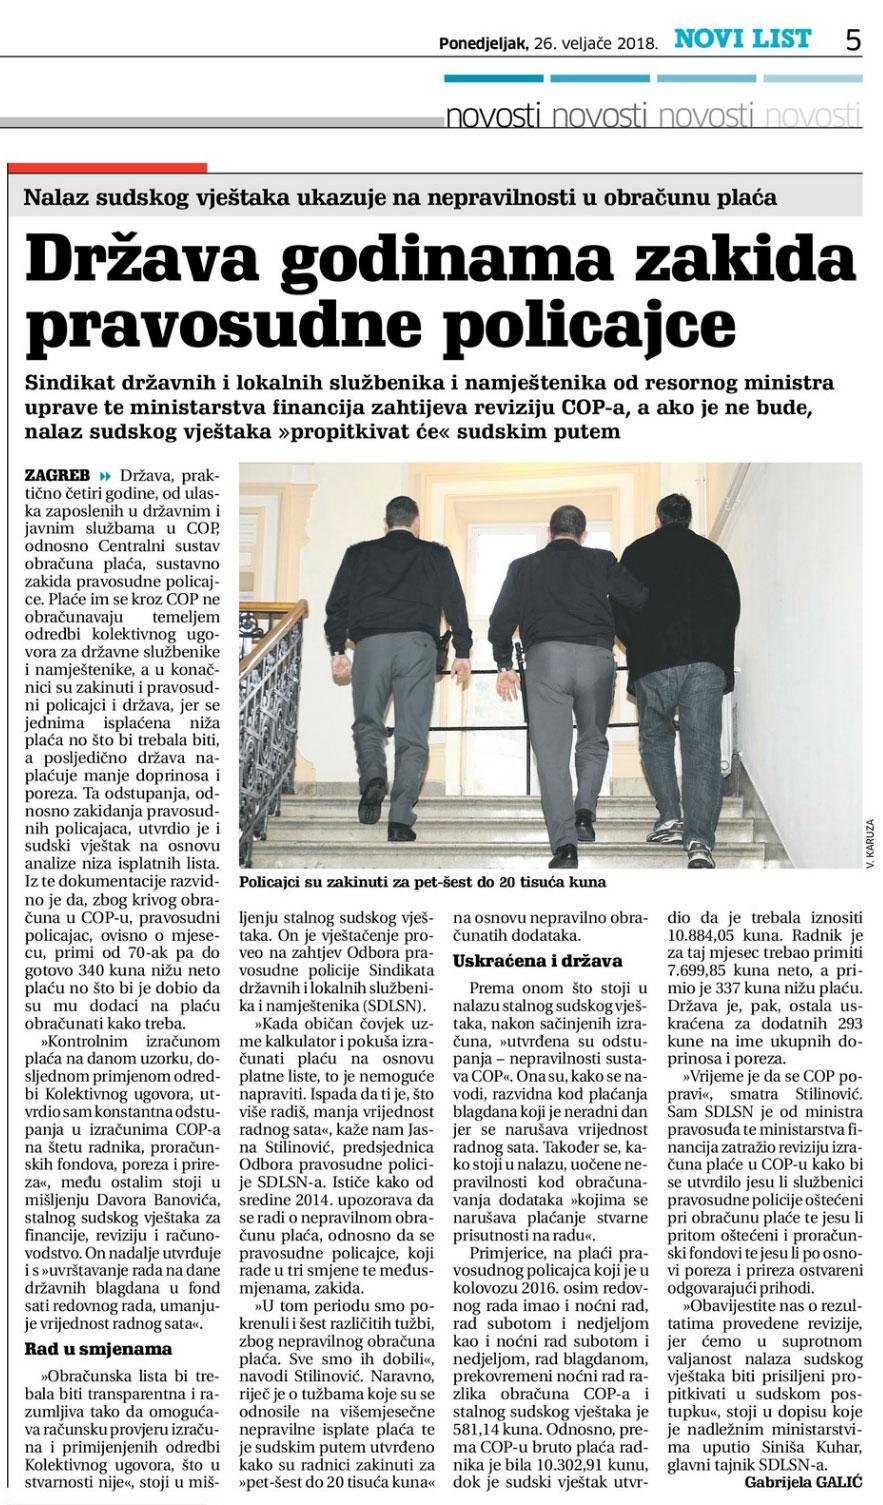 NOVI LIST o nalazu sudskog vještaka kojim se osporava obračun plaća pravosudnih policajaca u COP-u